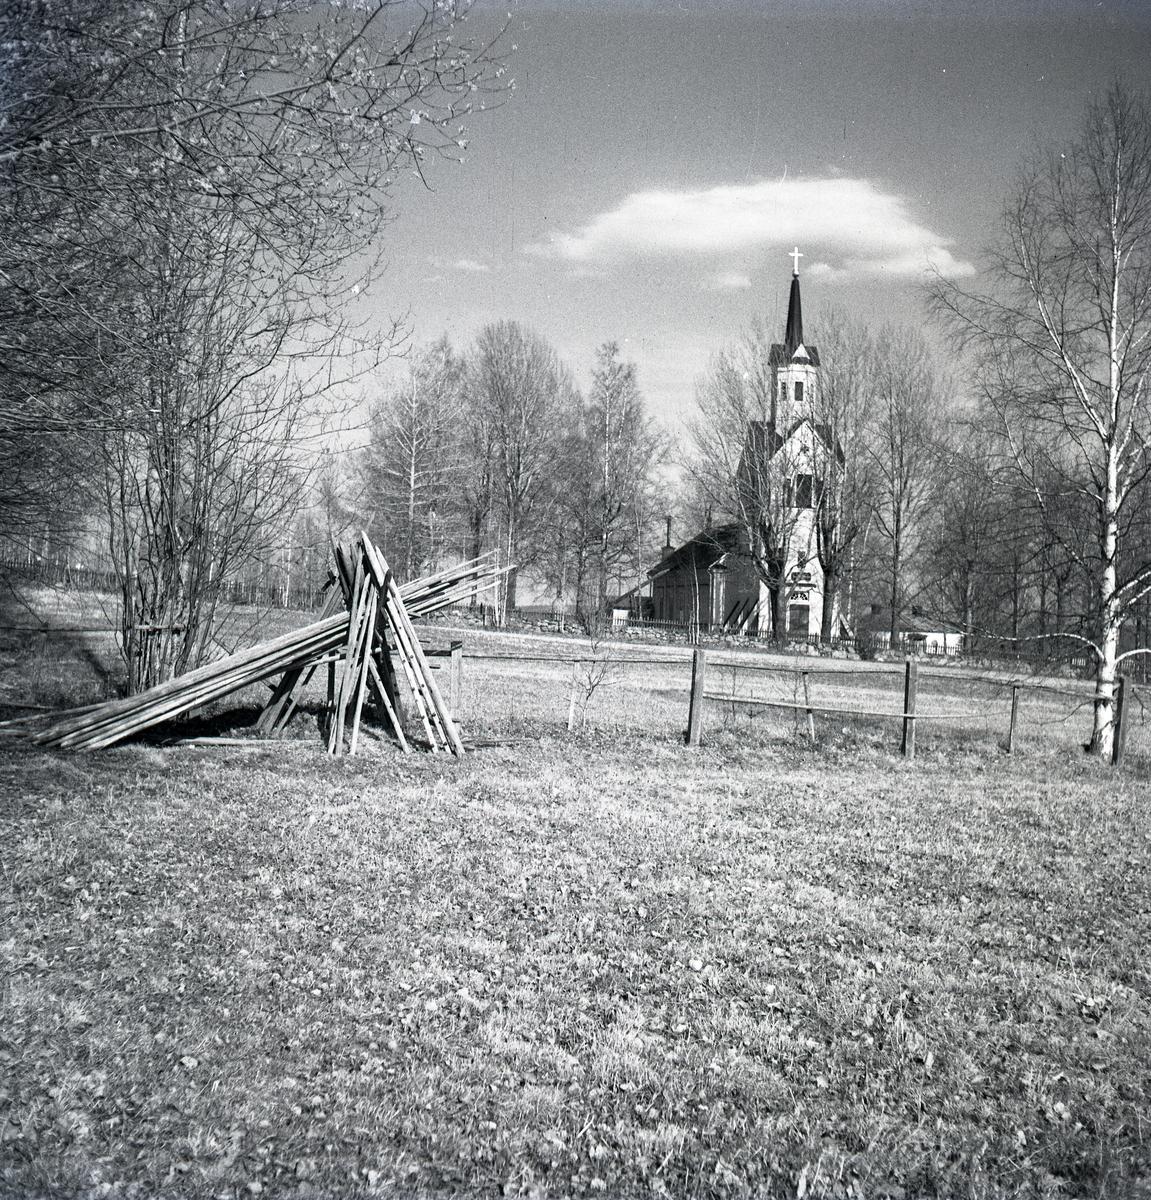 Los kyrka bakom en ställning hässjevirke på ett fält.